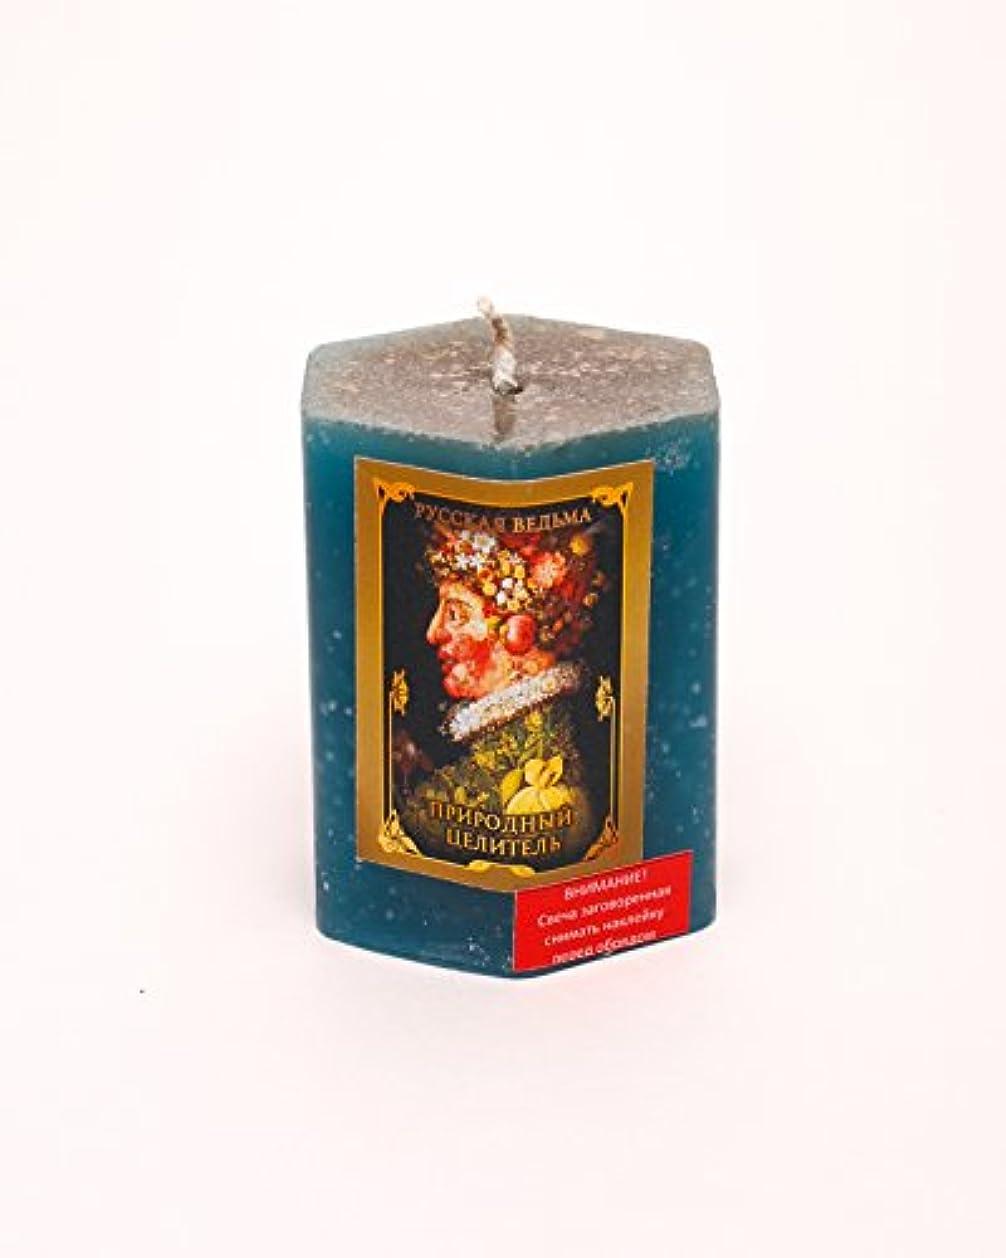 お肉適応するレンディションナチュラルハーブHealer Candle Wicca Pagan